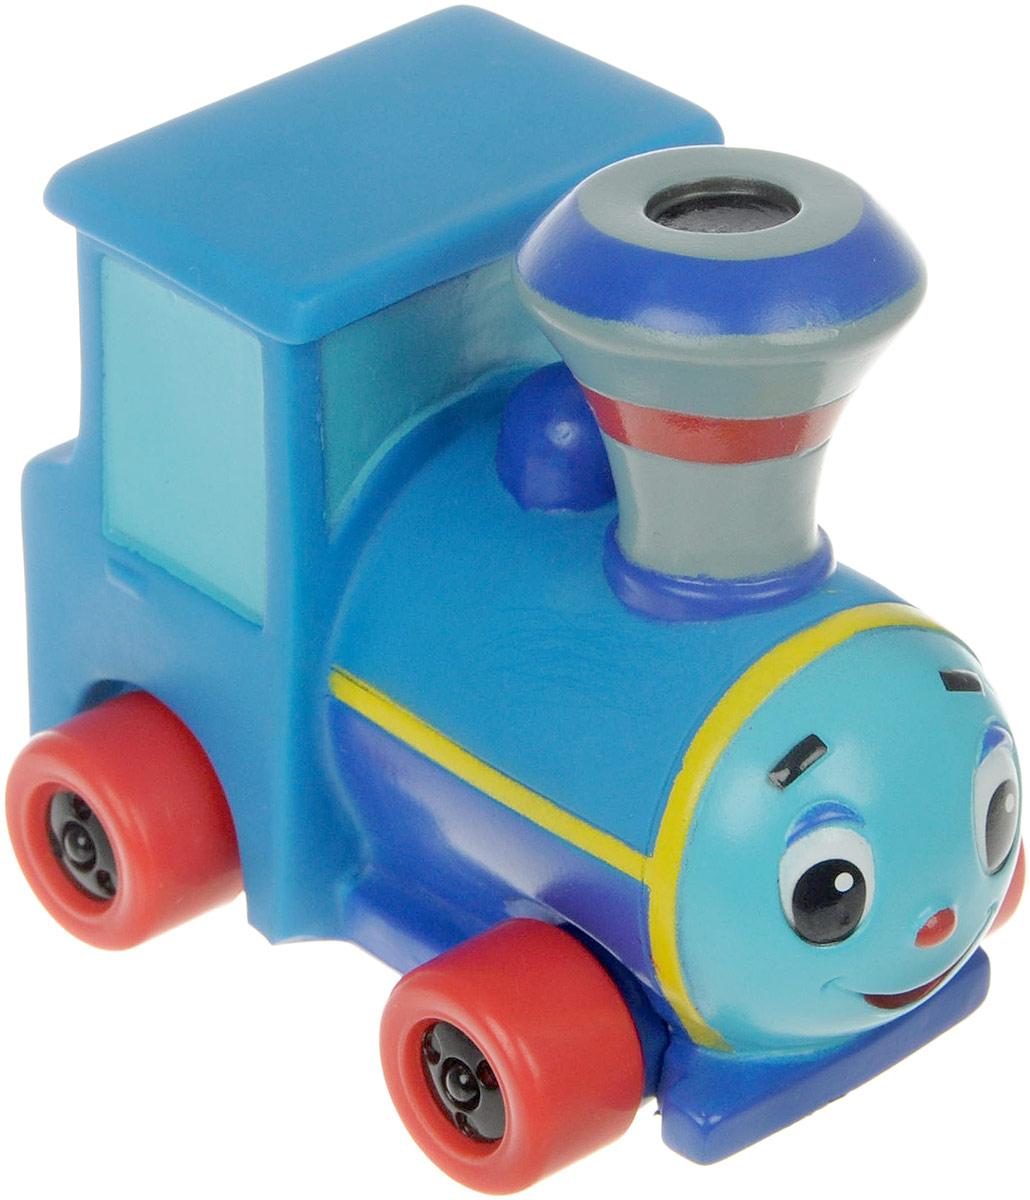 Играем вместе Игрушка для ванной Паровозик из Ромашково6R-WLSИгрушка для ванной Играем вместе Паровозик из Ромашково светится и поет веселую песенку из одноименного мультфильма. Выполнена игрушка очень тщательно и качественно. Герметичный корпус защищает механизм и элементы питания от попадания воды, поэтому ребенок может смело опускать задорную игрушку в воду. Колеса паровозика крутятся. Сделайте вашему малышу такой замечательный подарок!